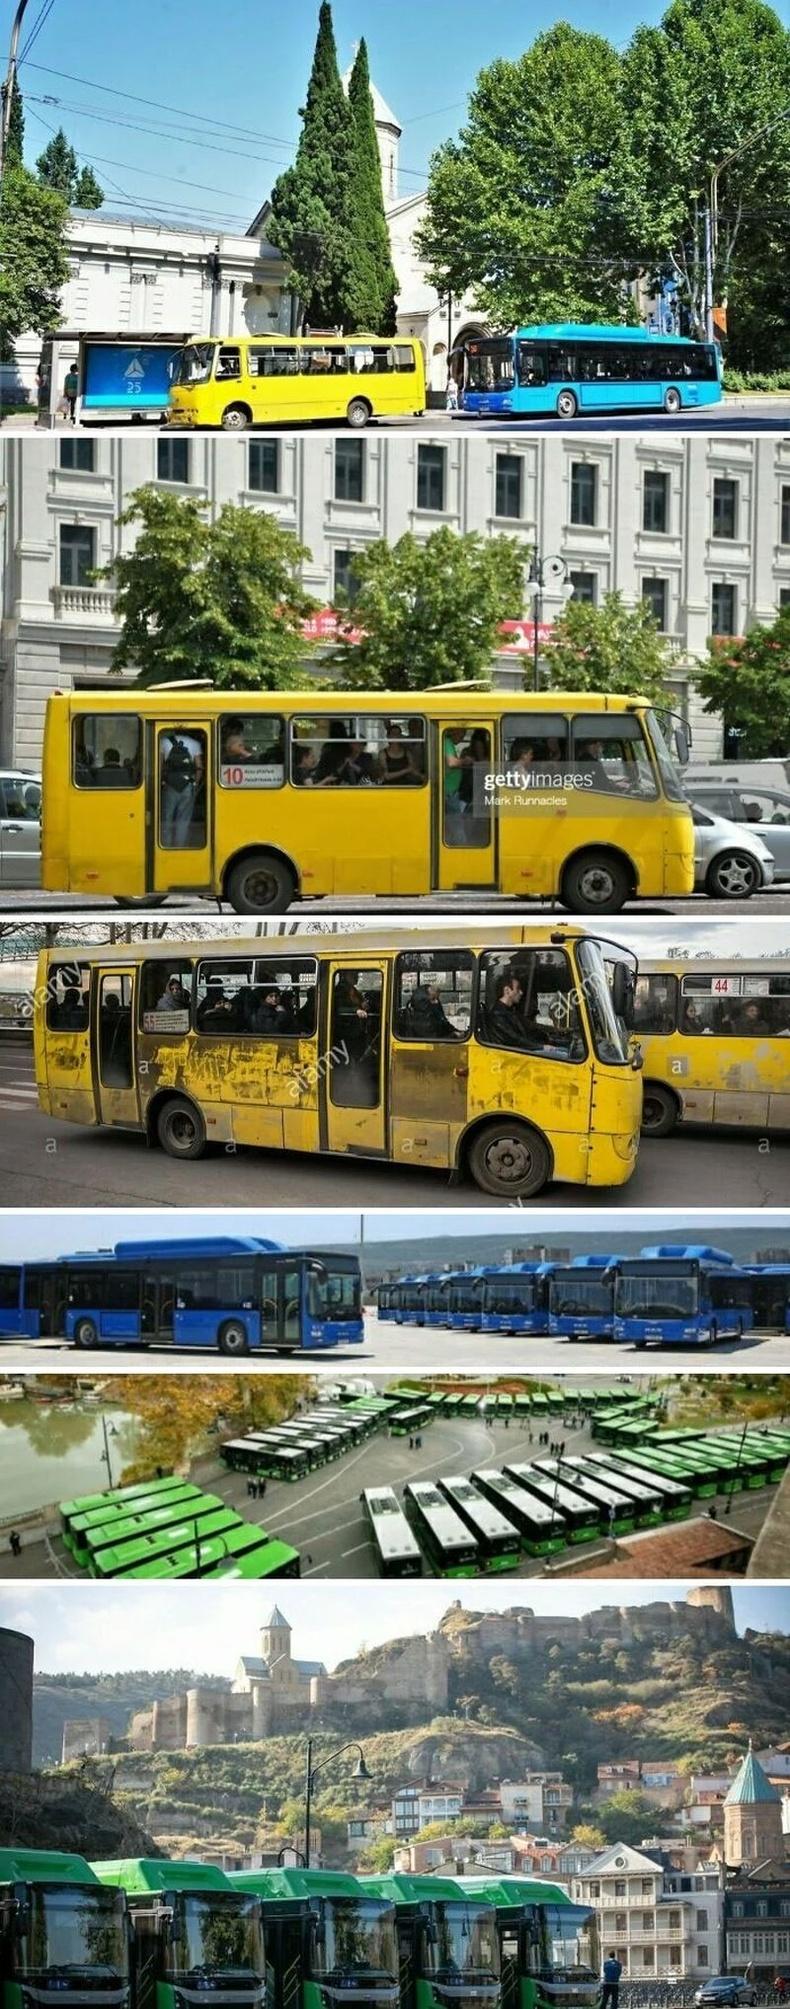 Гүрж улс цахилгаан автобусаар баазаа шинэчилжээ